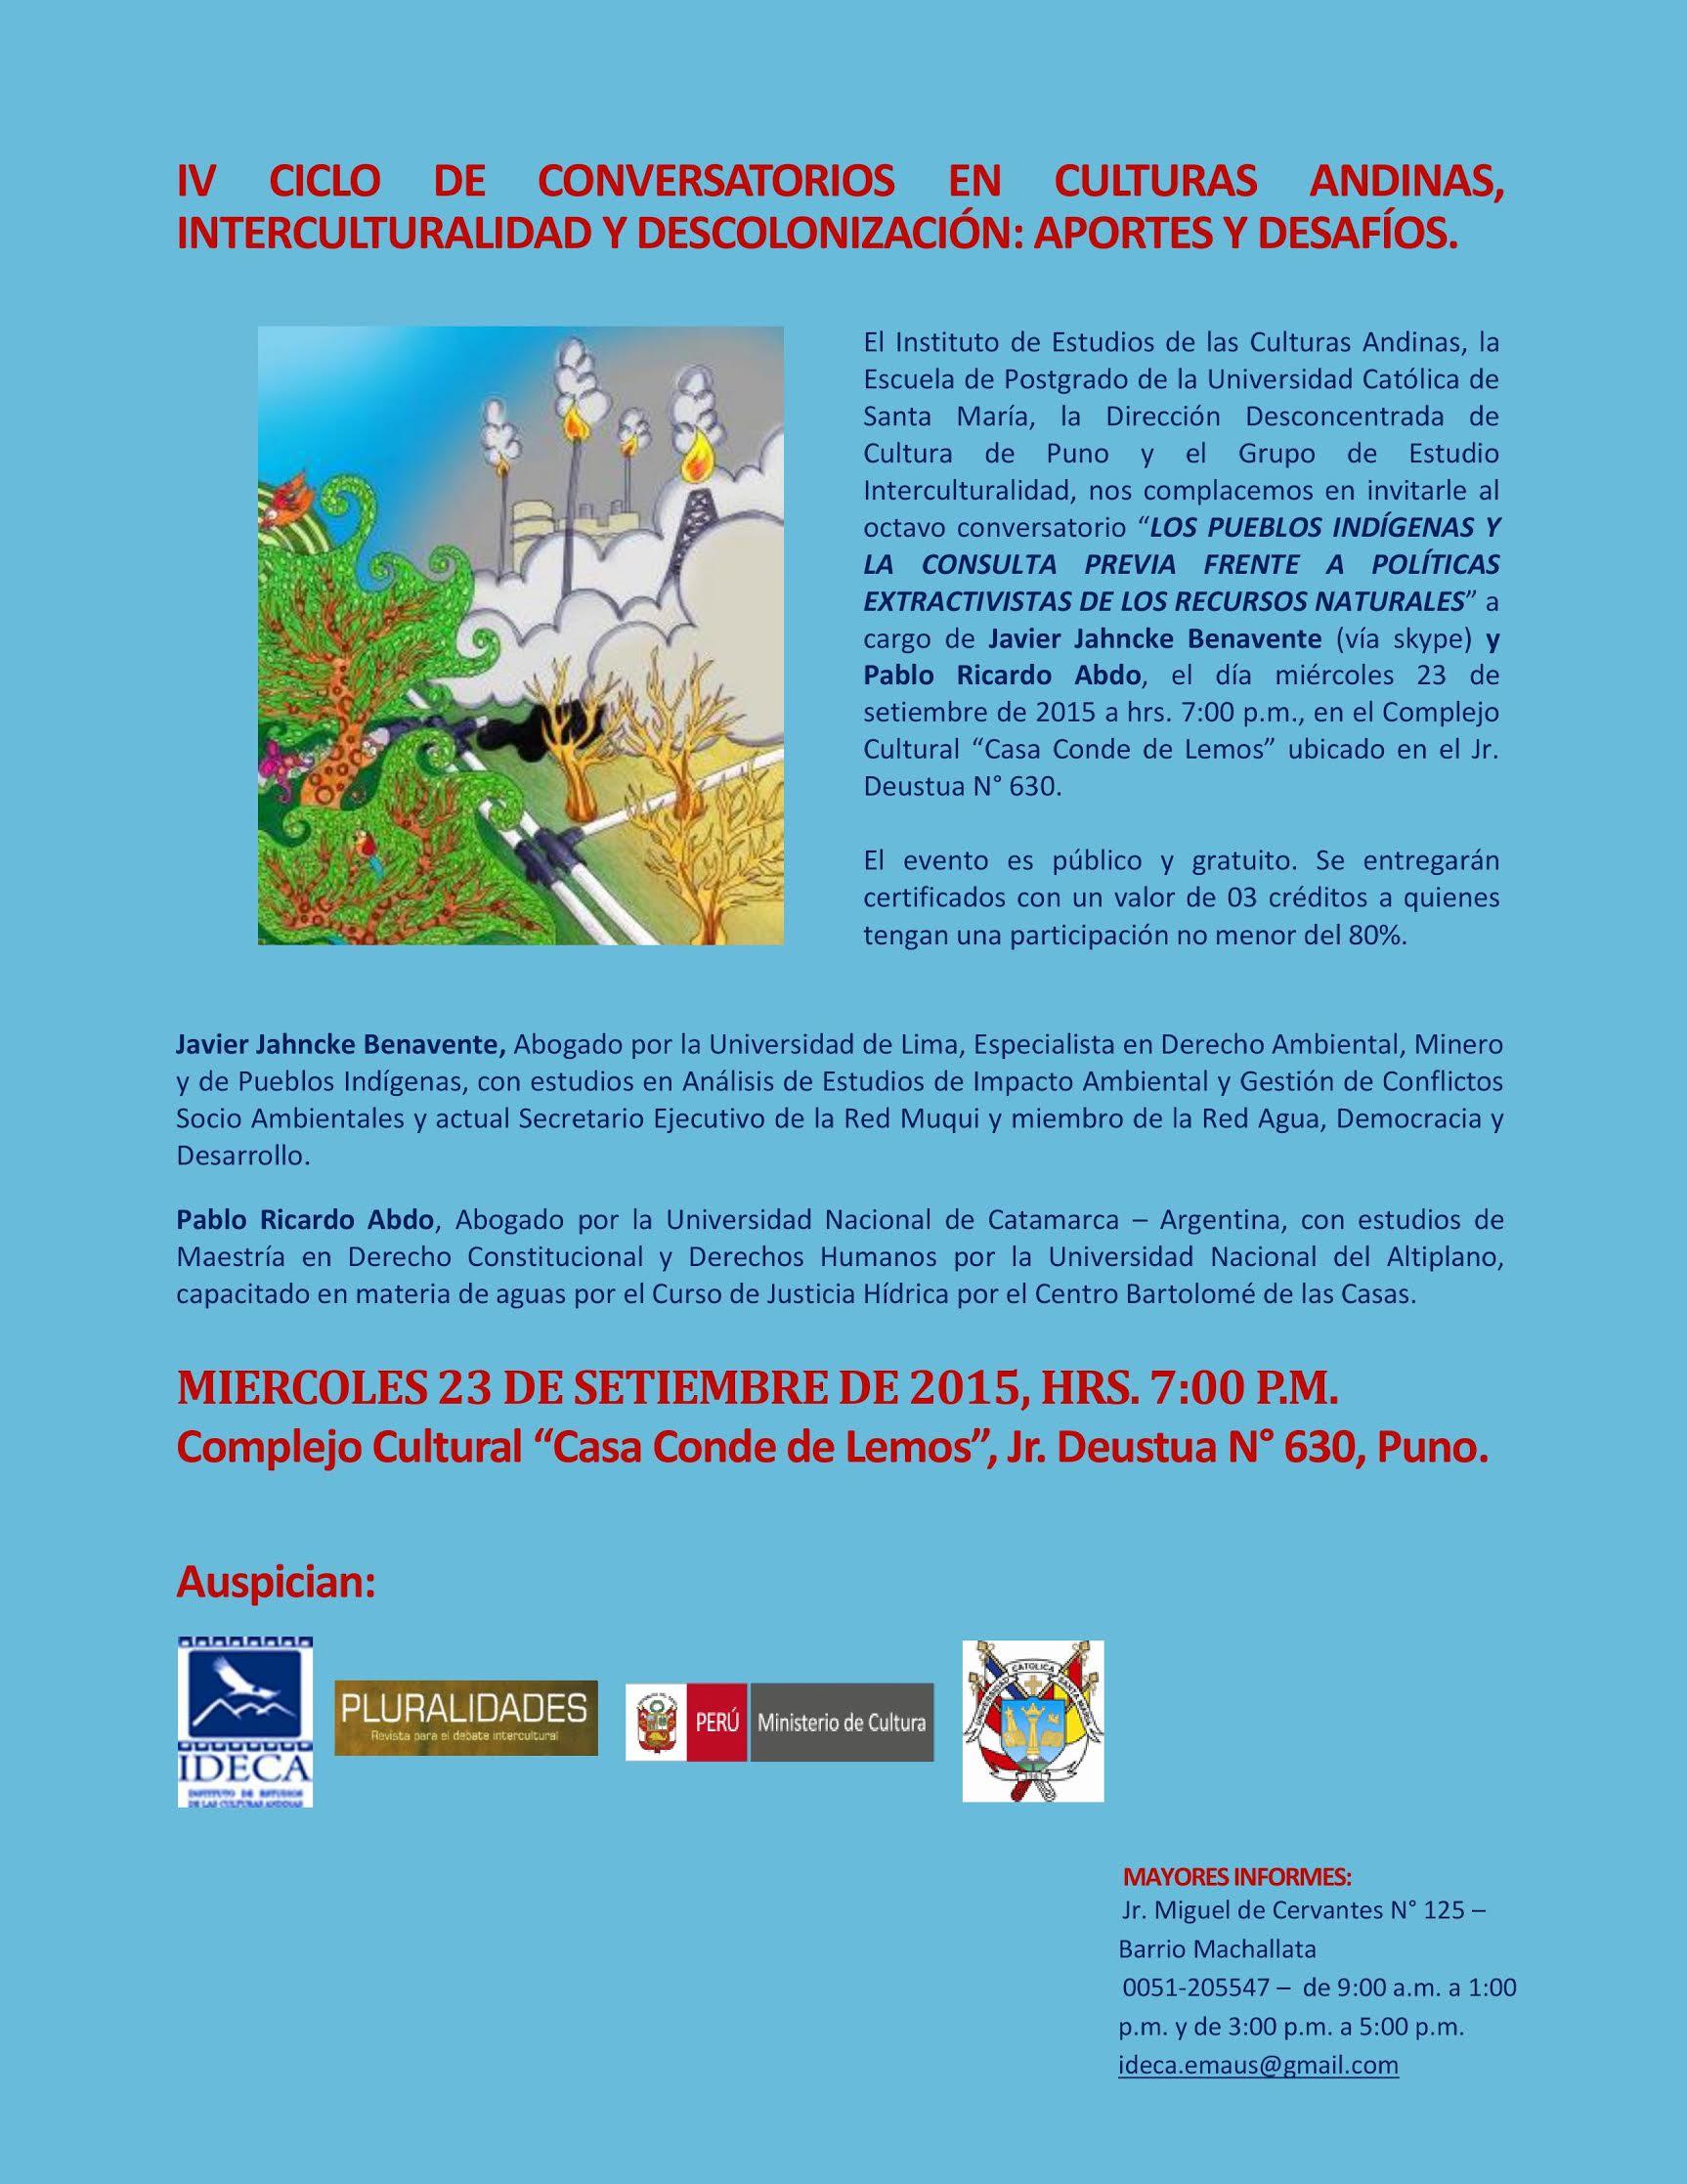 Octavo Conversatorio: Los Pueblos Indígenas y la Consulta Previa frente a Políticas Extractivistas de los Recursos Naturales